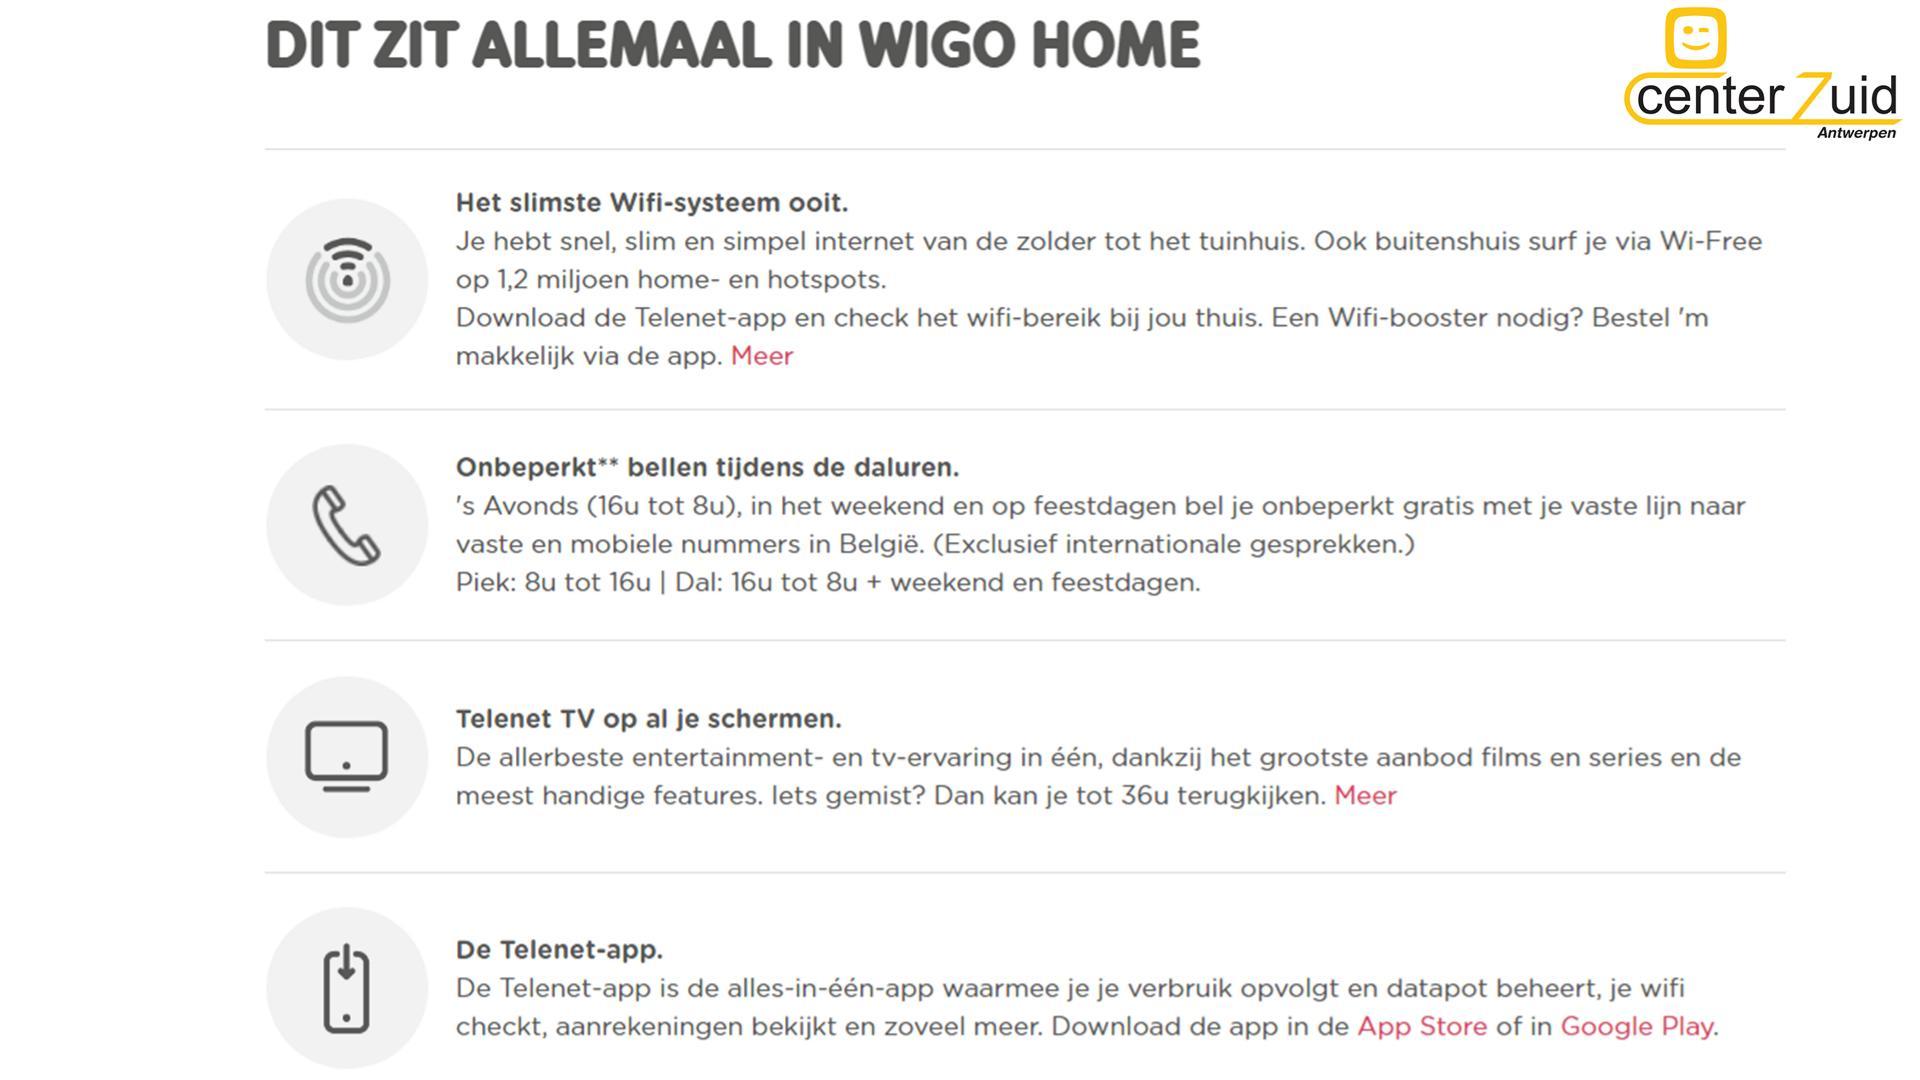 telenet - wigo - inhoud